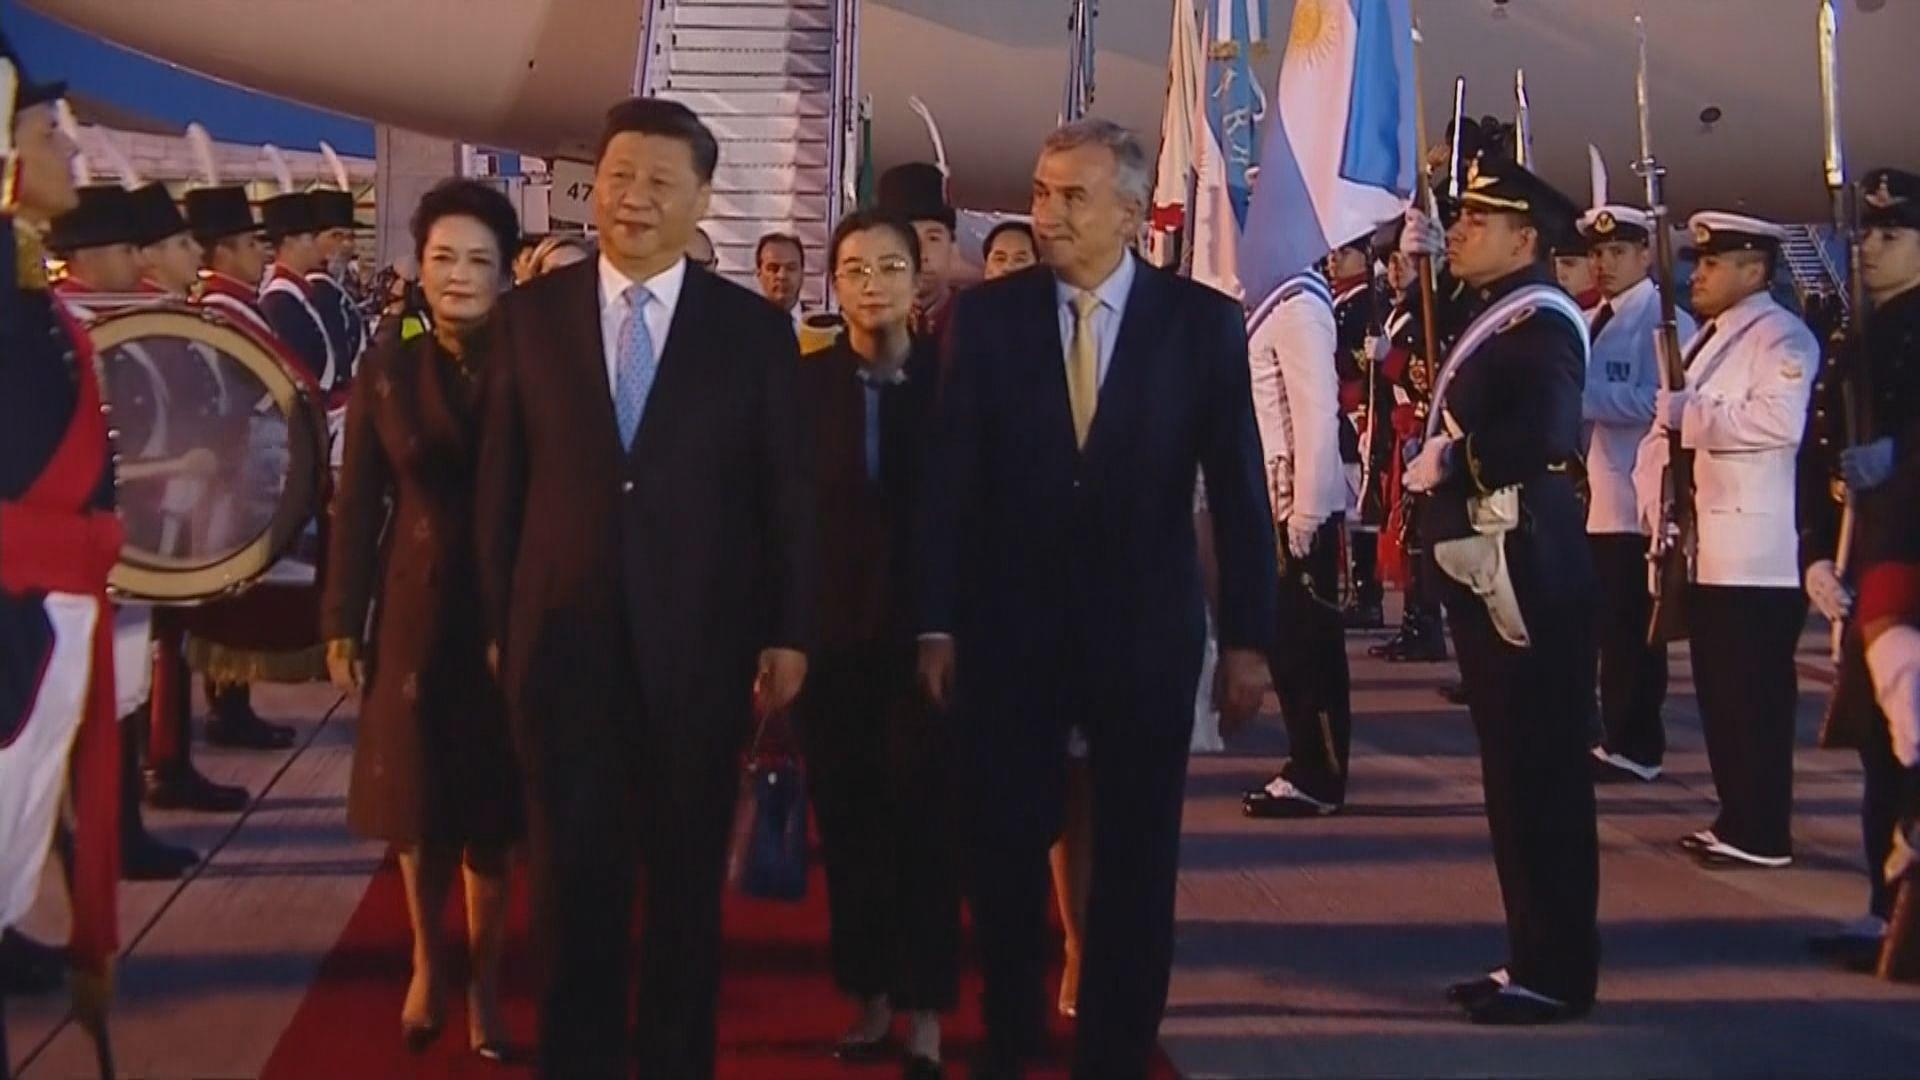 習近平抵達阿根廷準備出席G20峰會